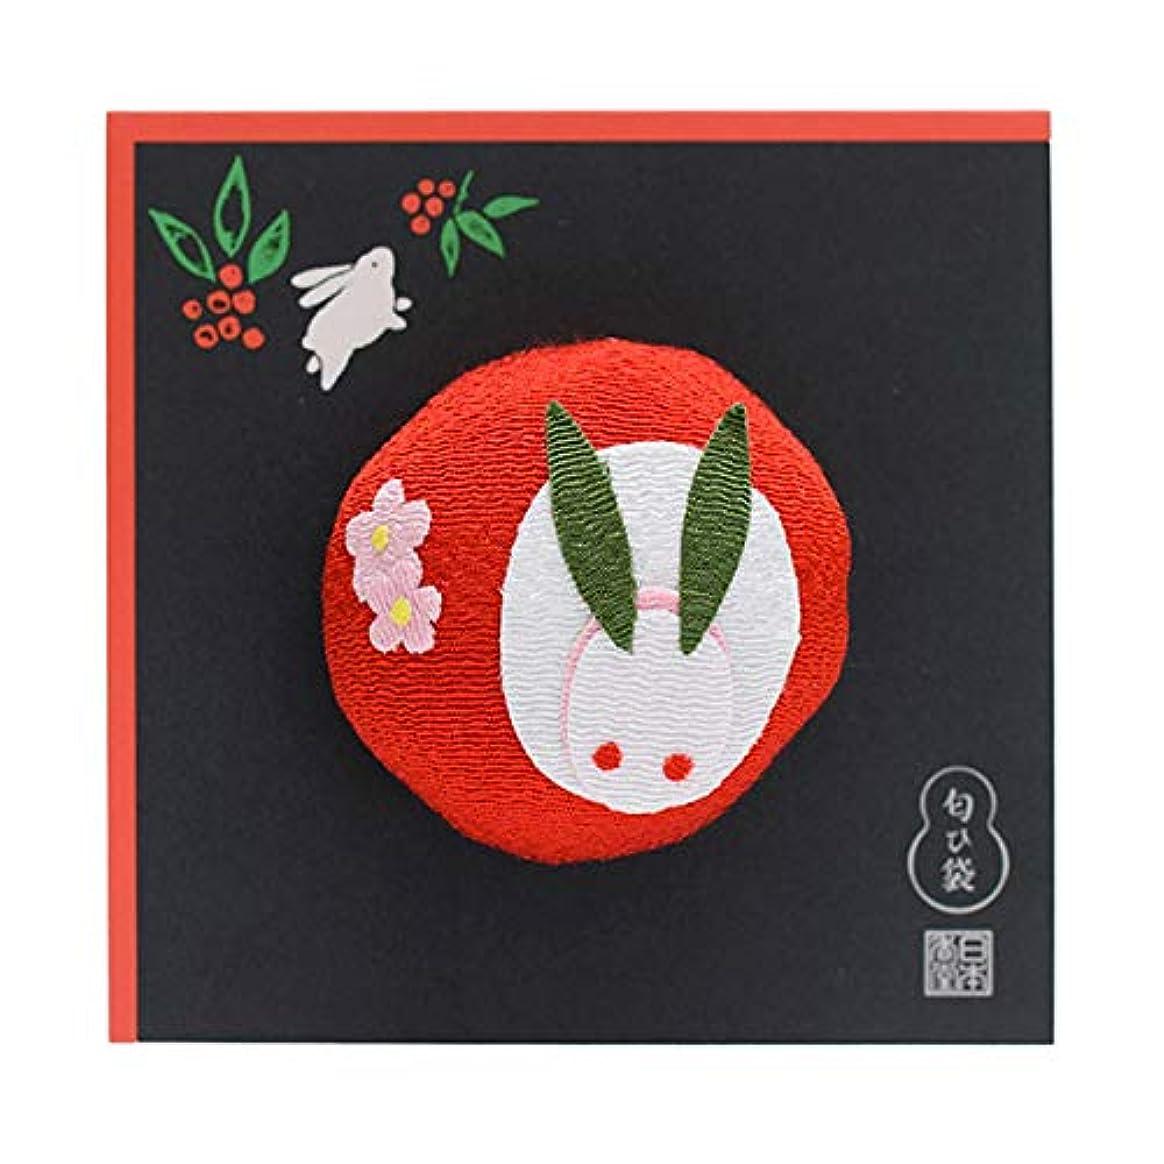 興奮する克服する意図的日本香堂 香風景 匂ひ袋 南天うさぎ